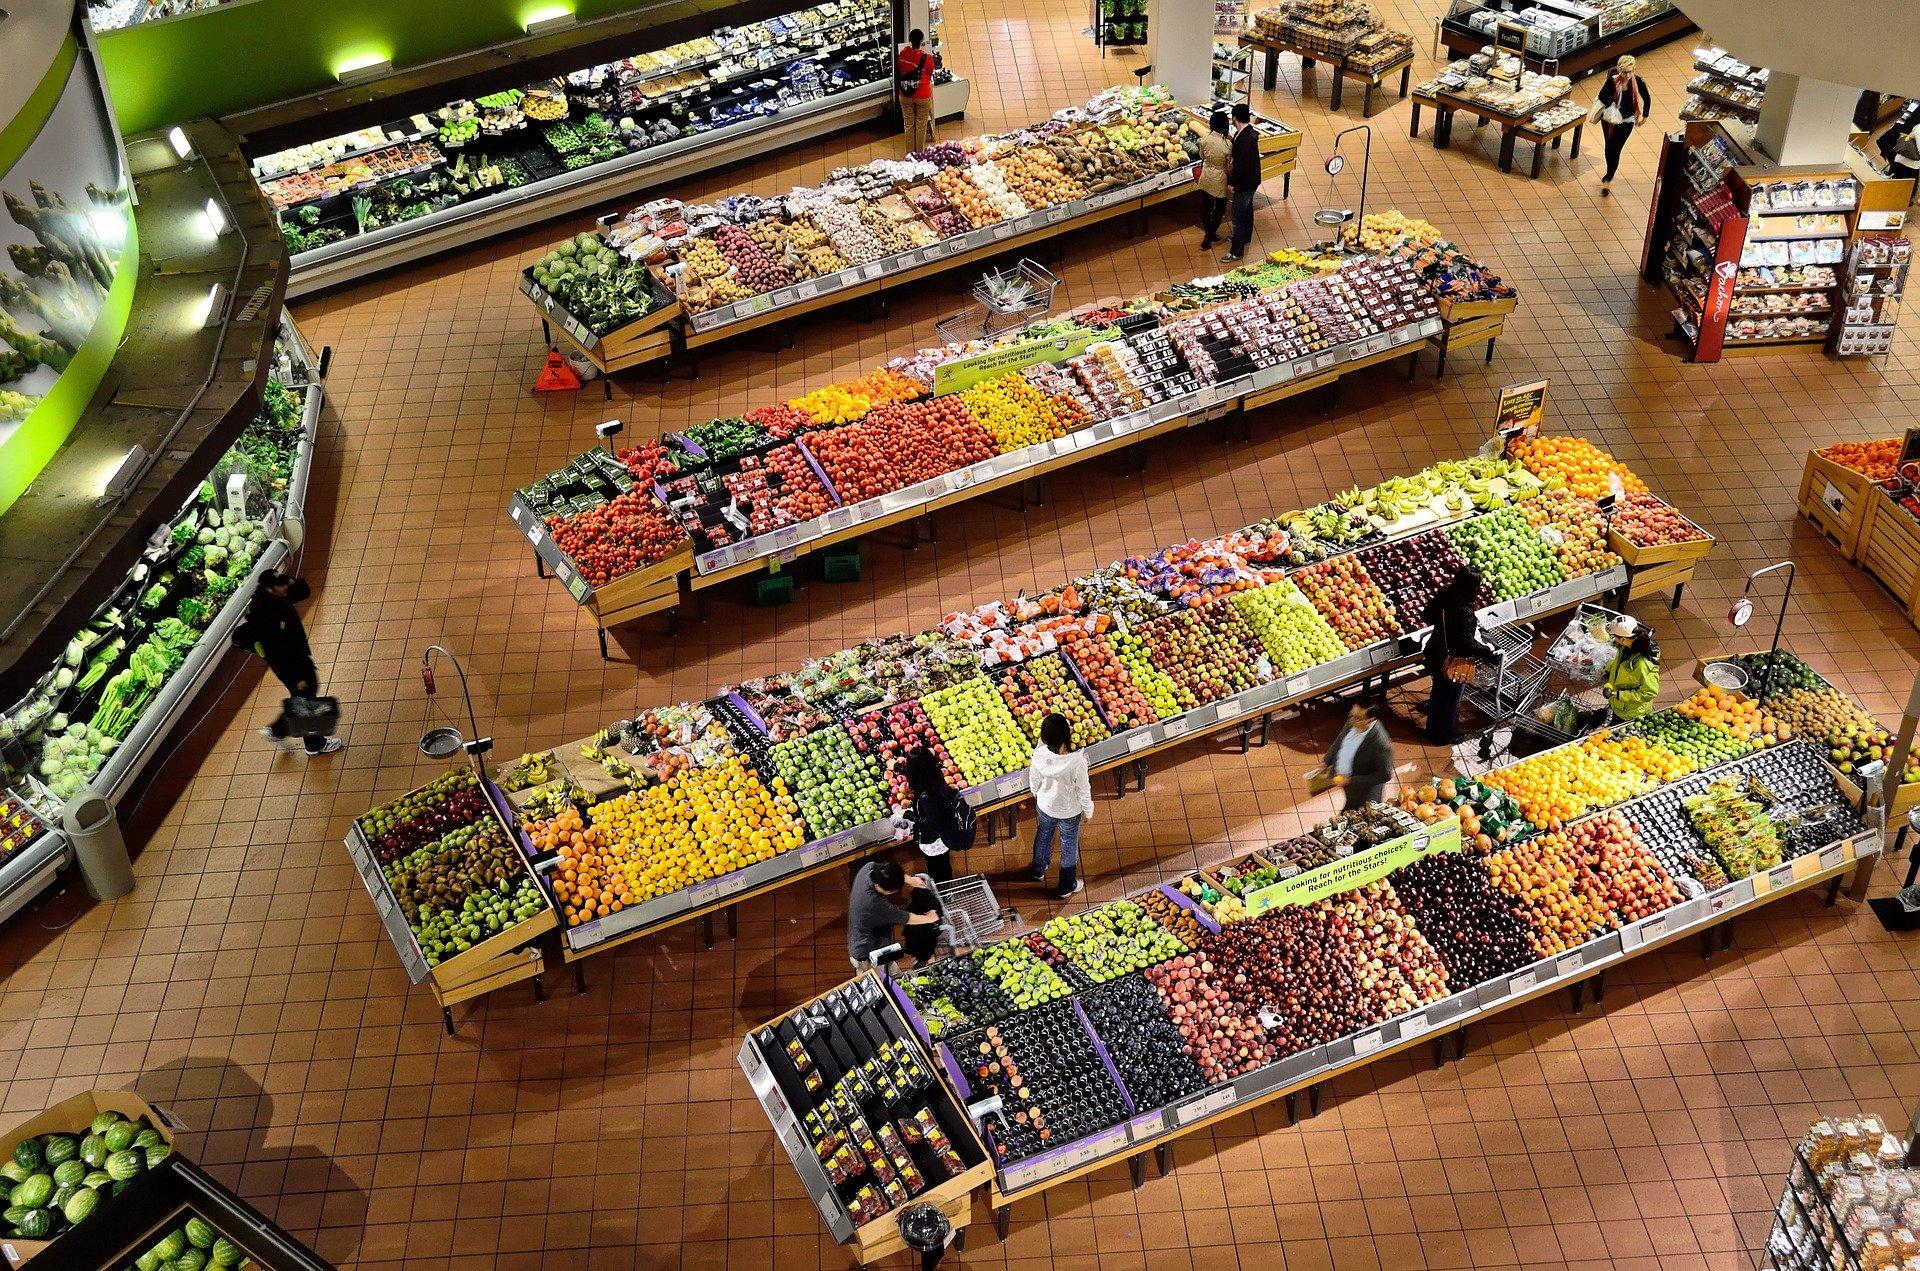 Supermercados en Majadahonda: ¿cómo elegir el mejor?